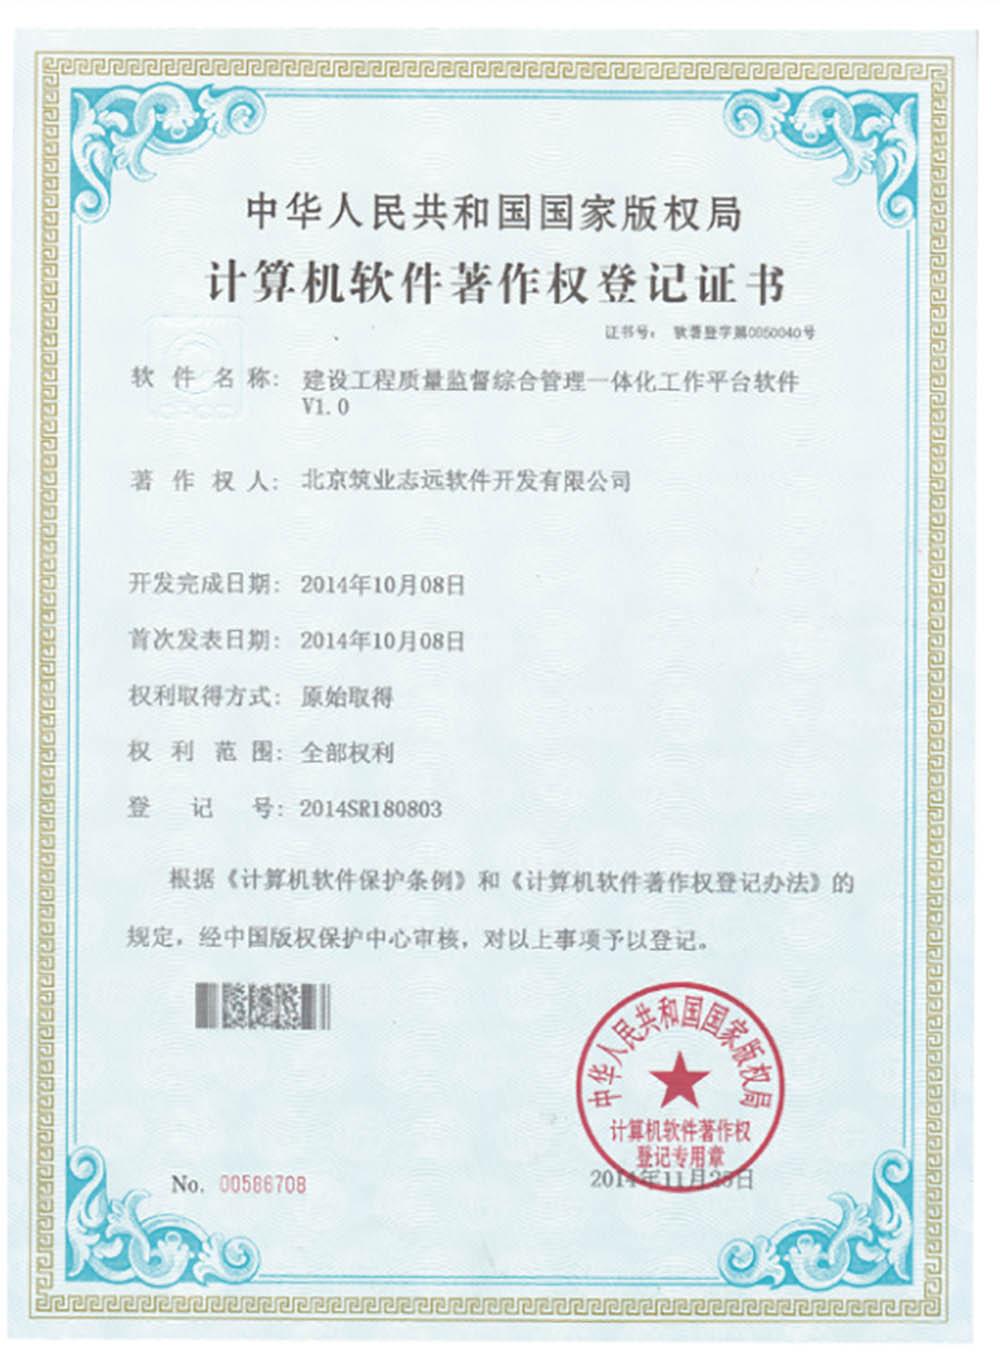 筑业清单大师黑龙江建设厅软件认证